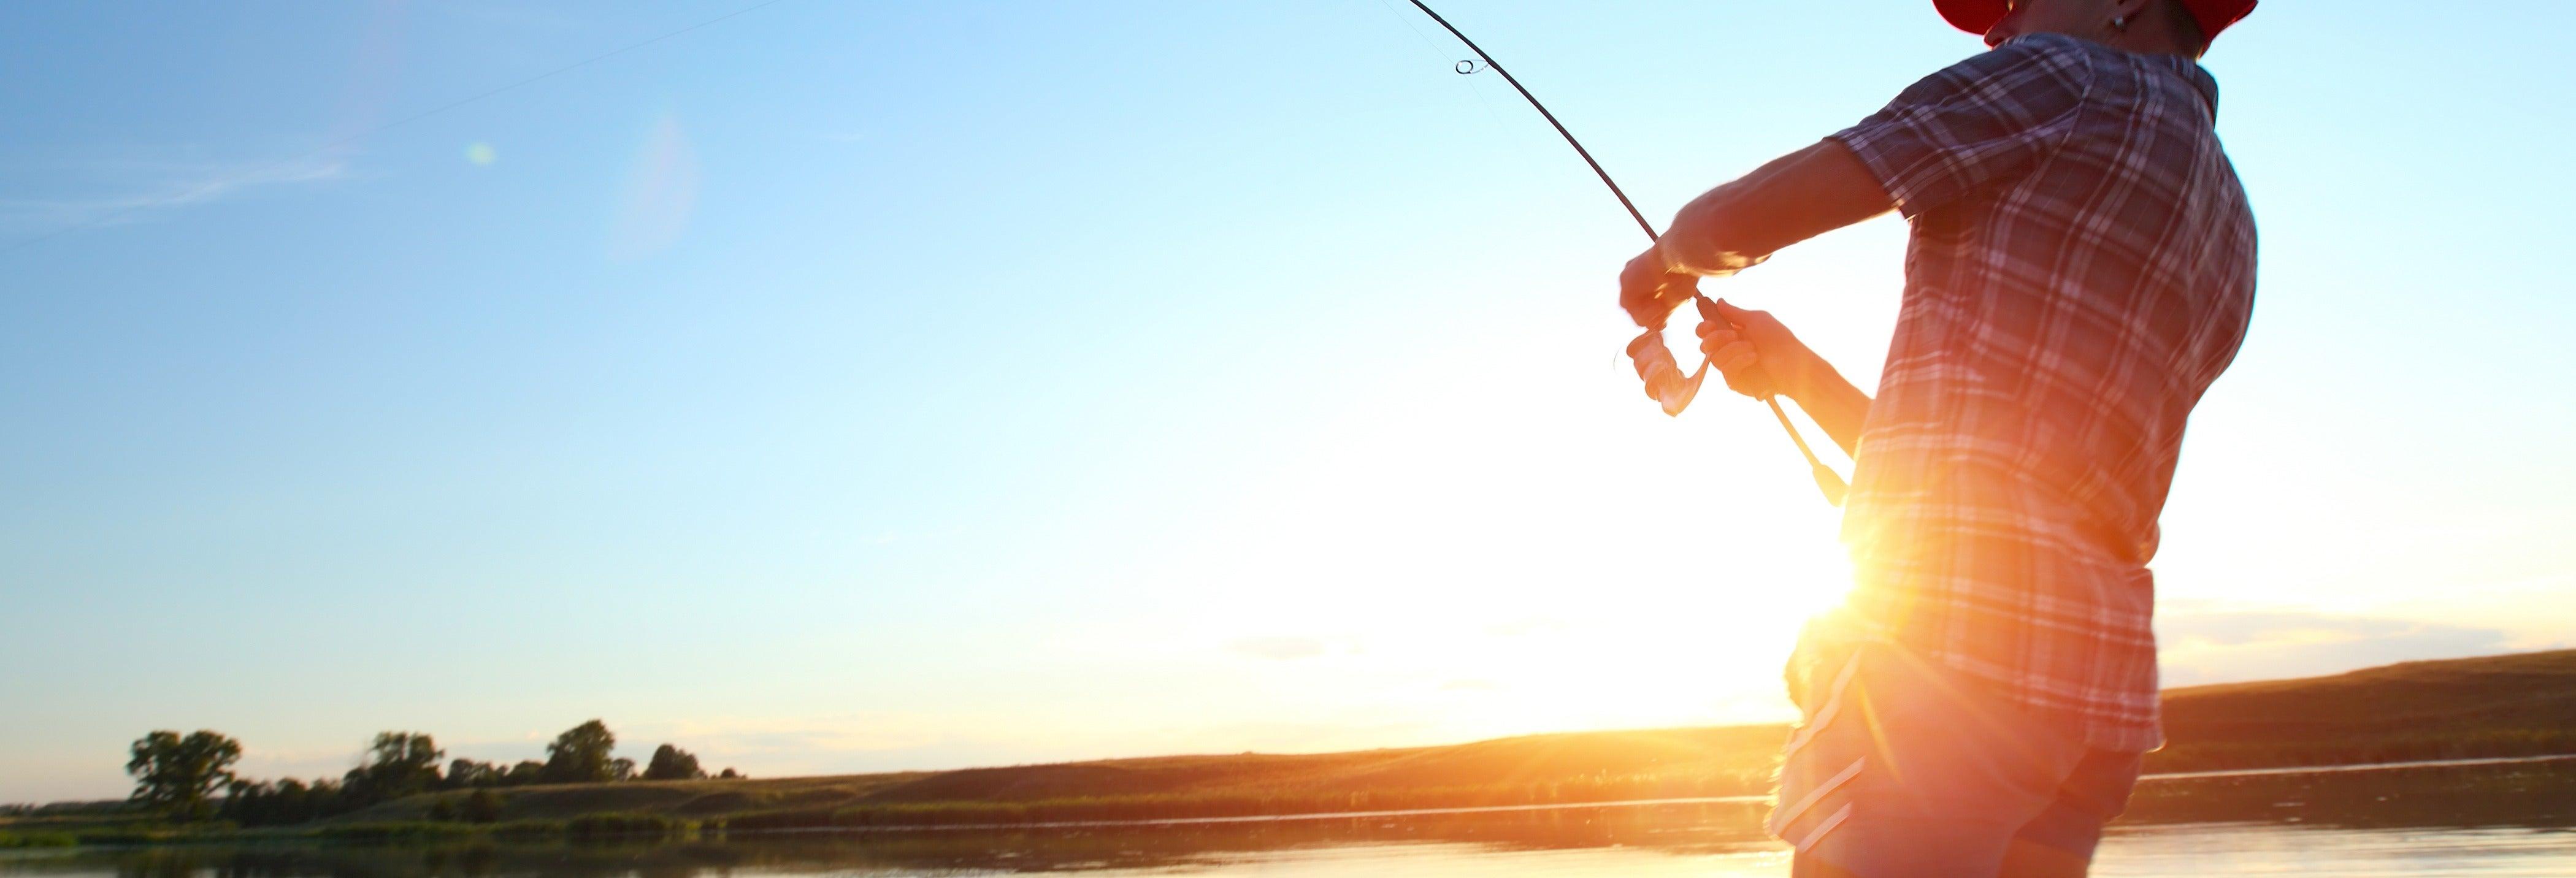 Pesca deportiva en Cambrils